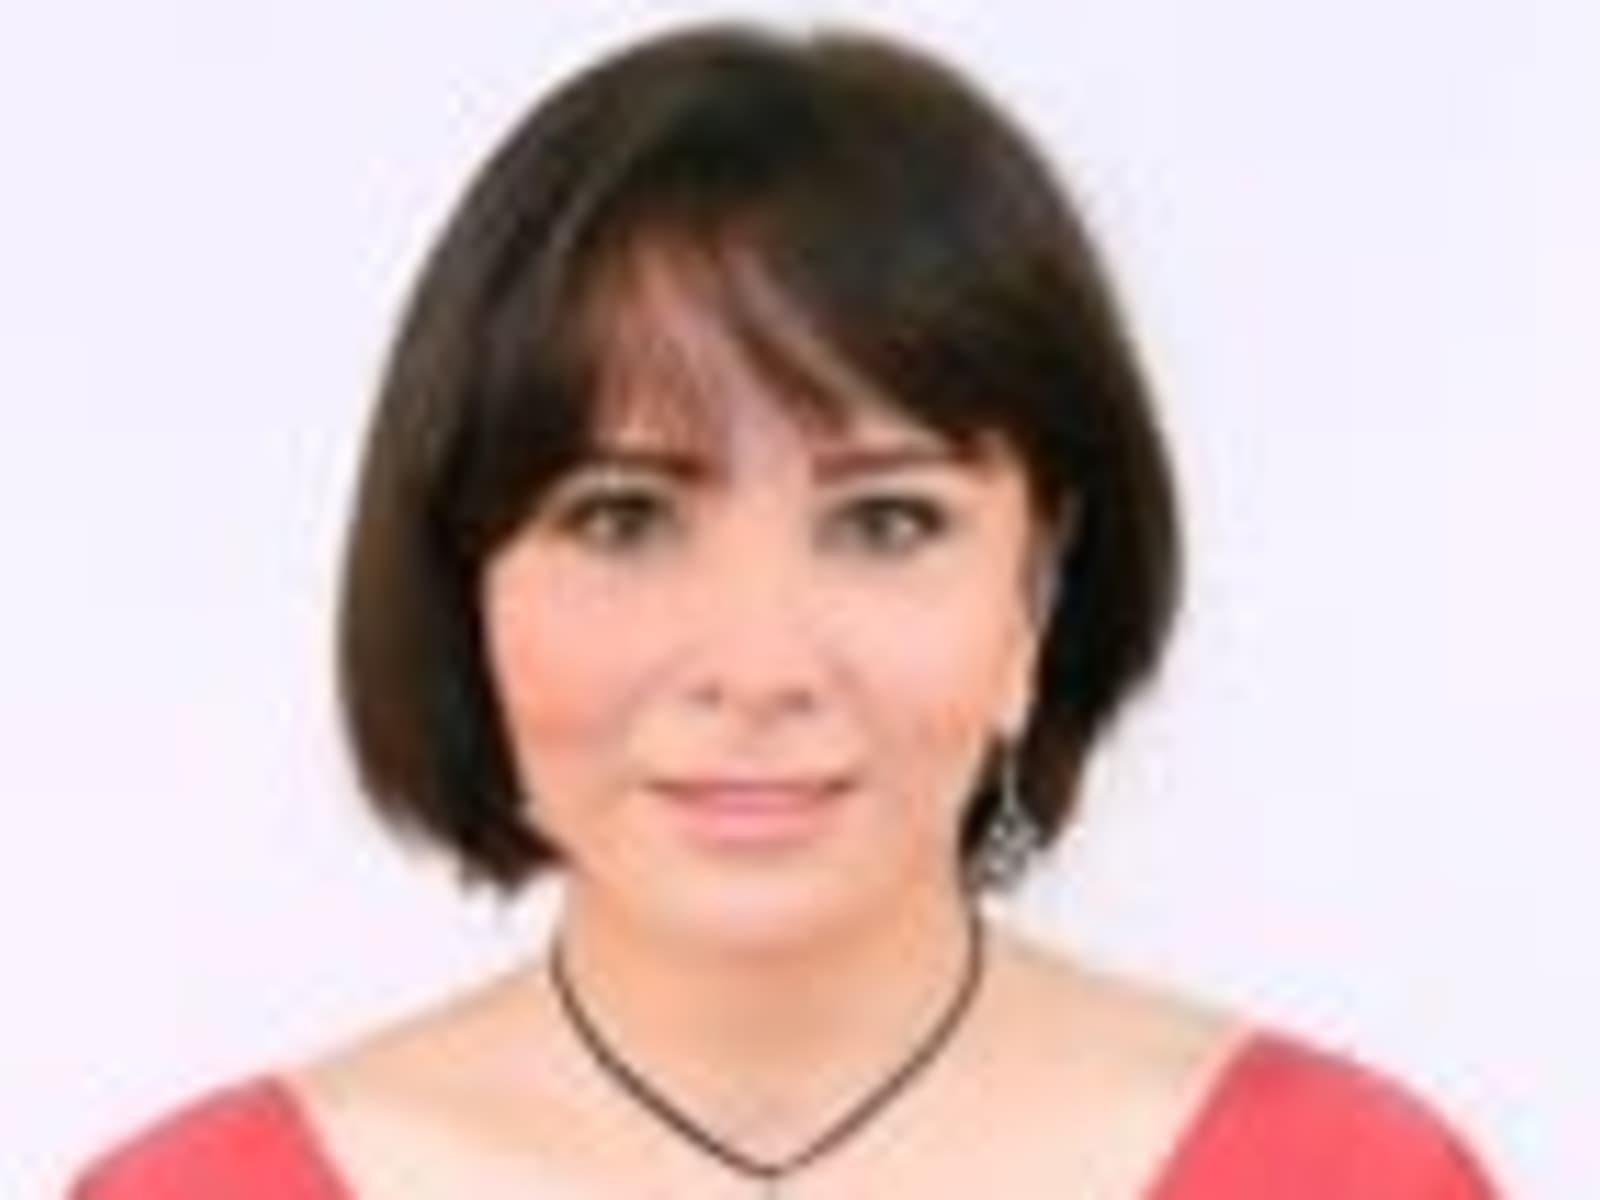 Ritha from San Miguel de Allende, Mexico